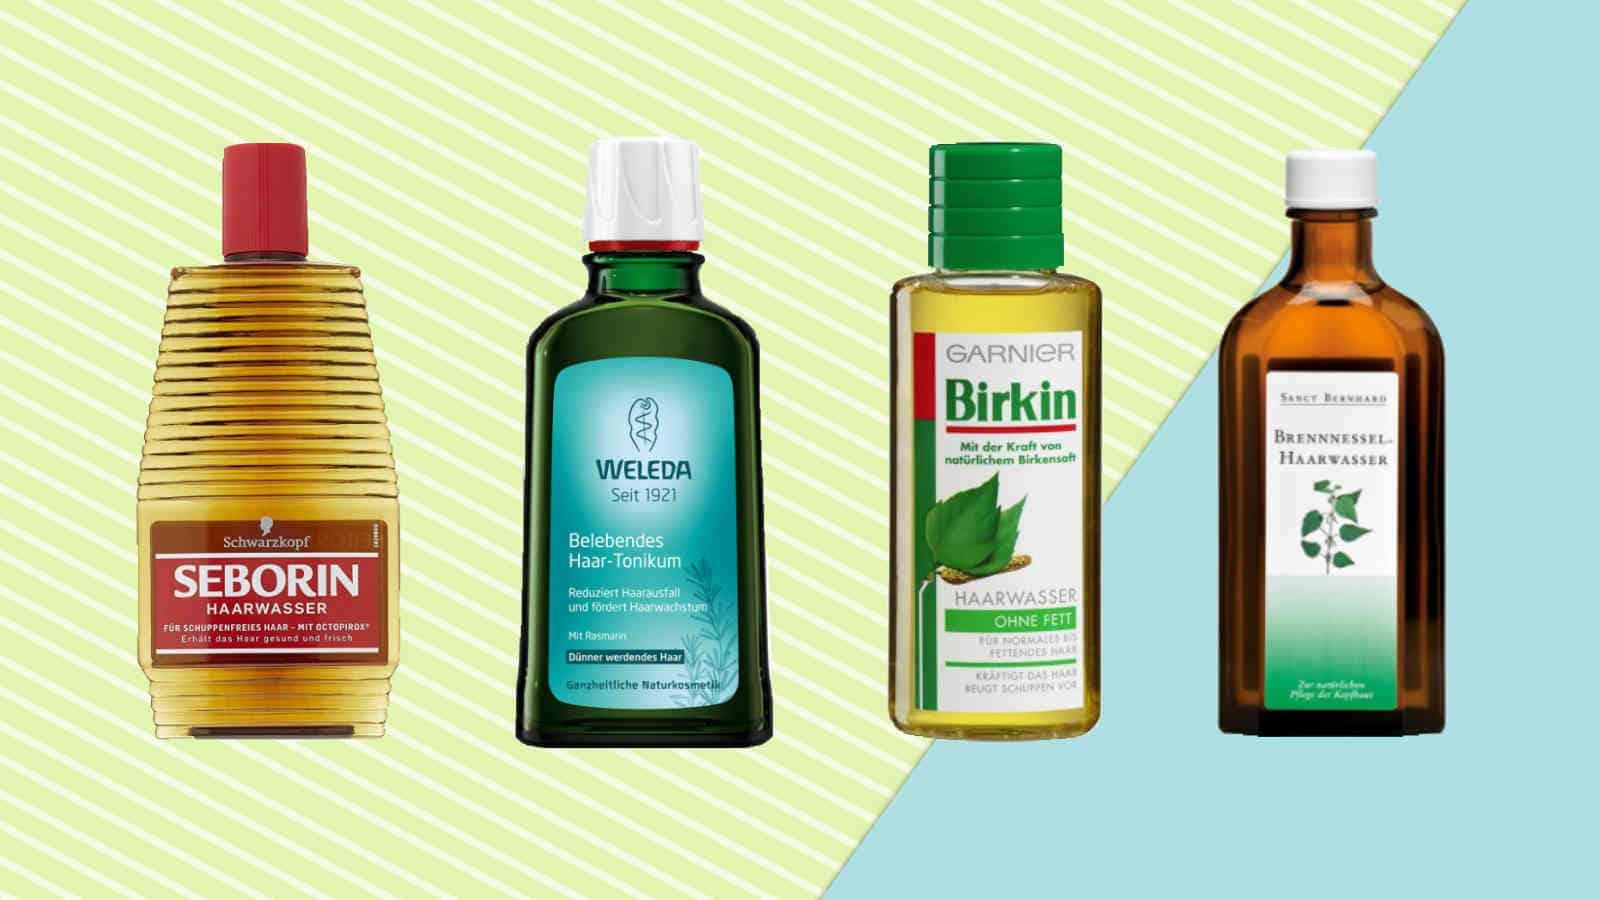 Haarwasser- Was ist das und wie benutzt man es? + Vergleich